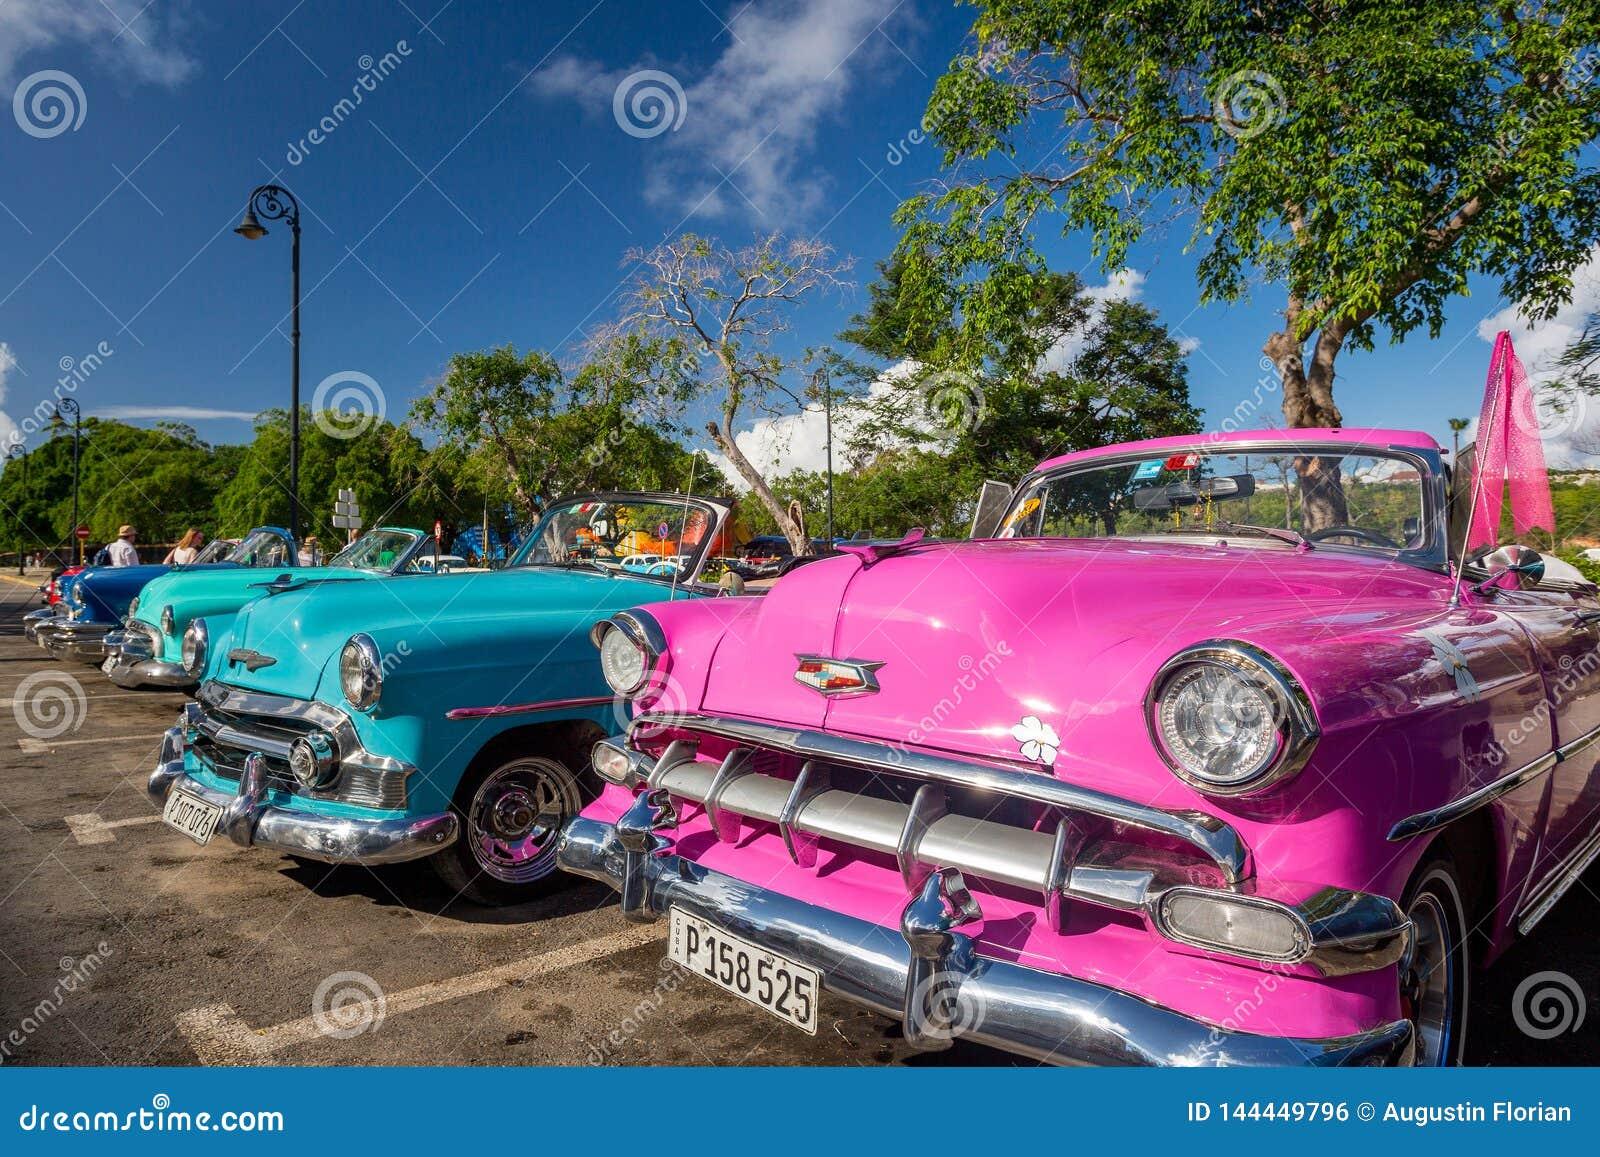 La Havane, Cuba - 29 novembre 2017 : Voitures classiques dans un parking